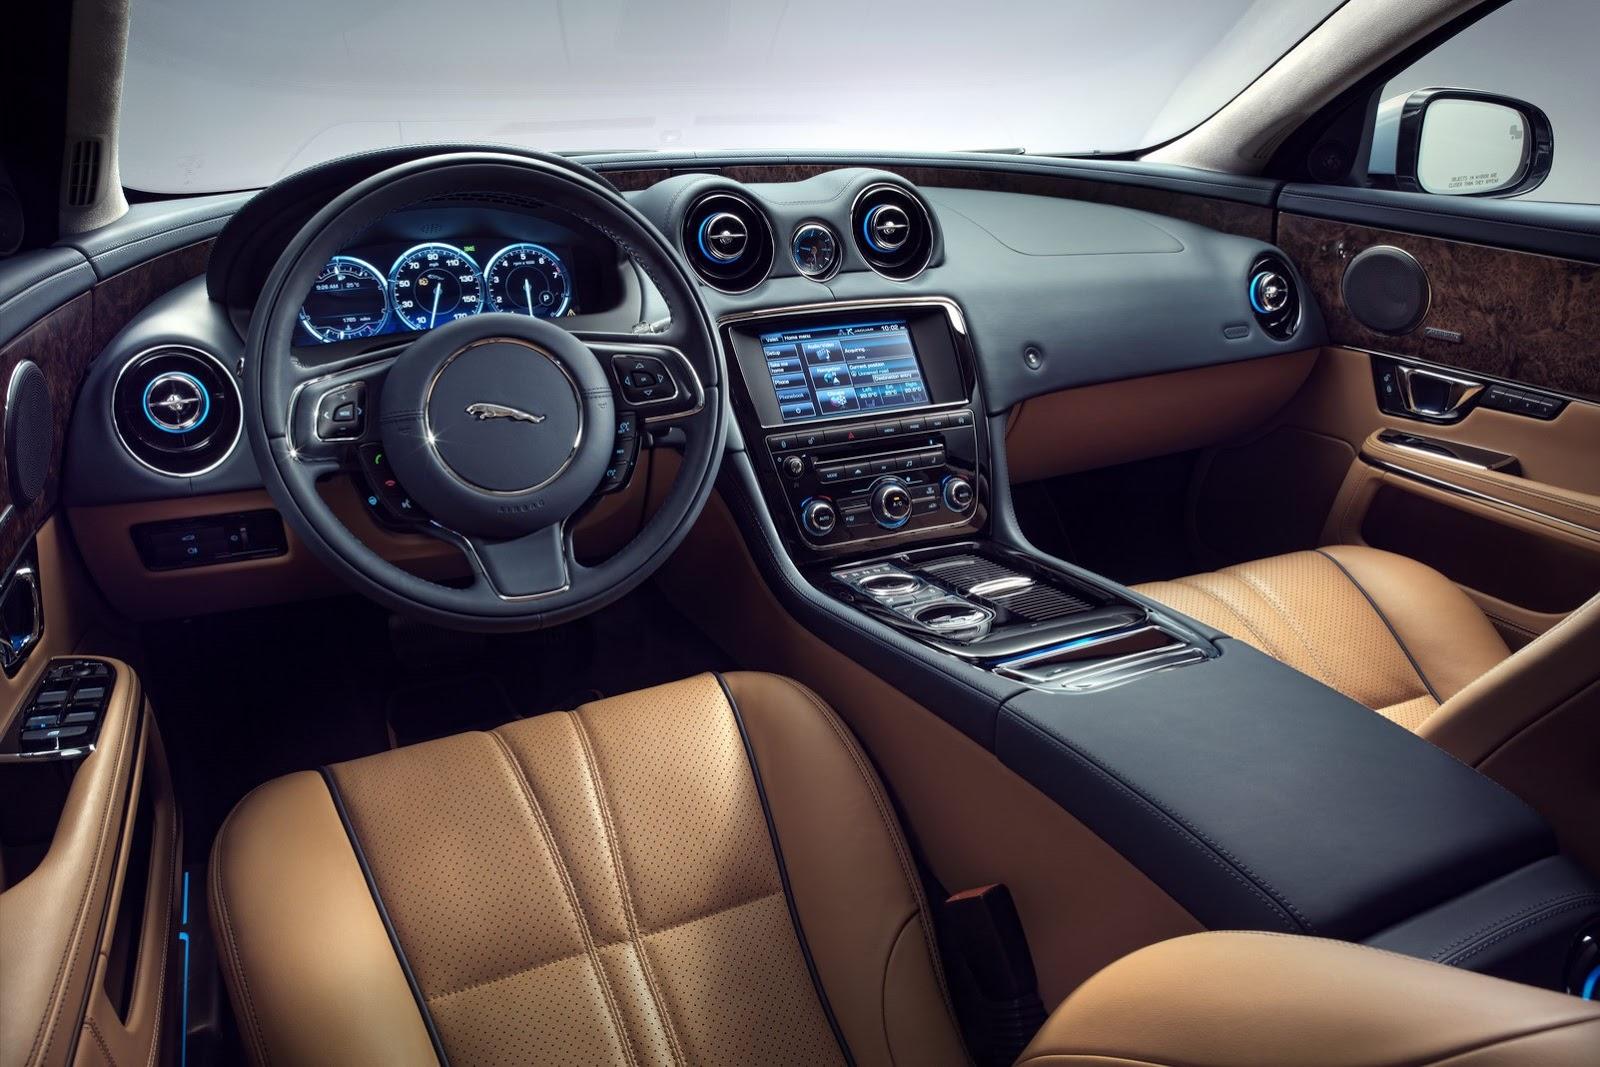 2014-Jaguar-XJ-7%25255B2%25255D.jpg